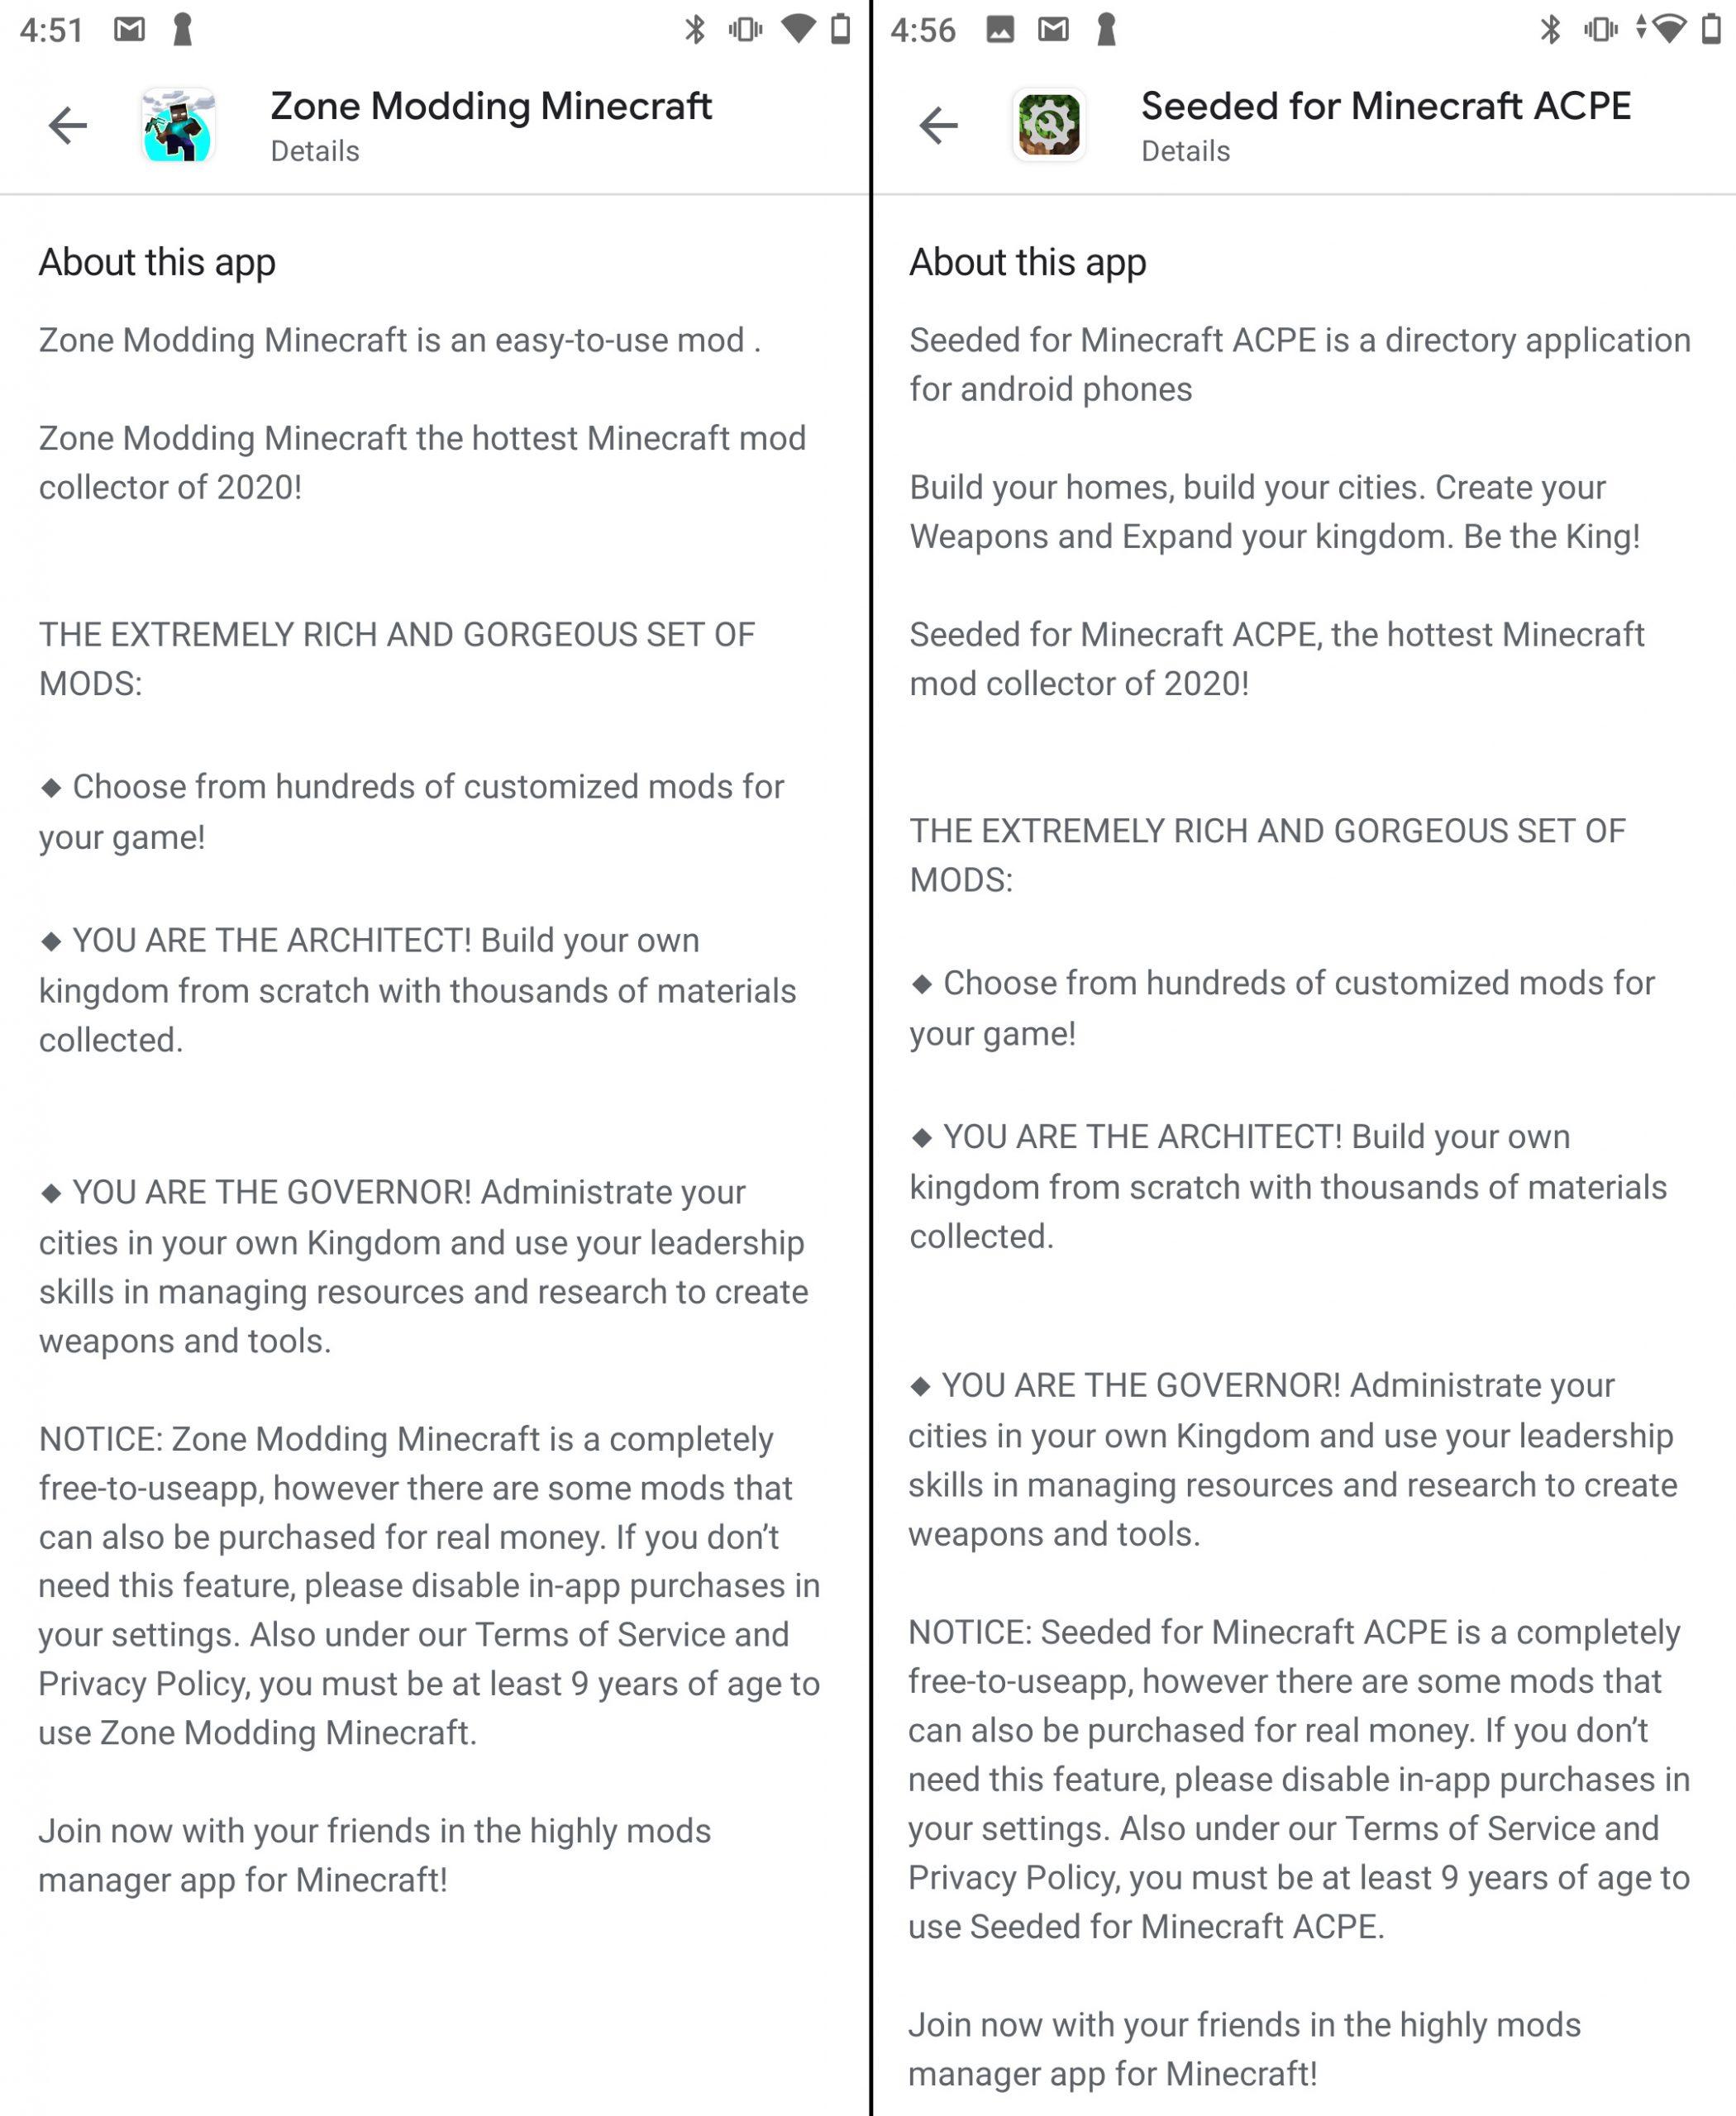 Издатели у приложений разные, а описания одинаковые